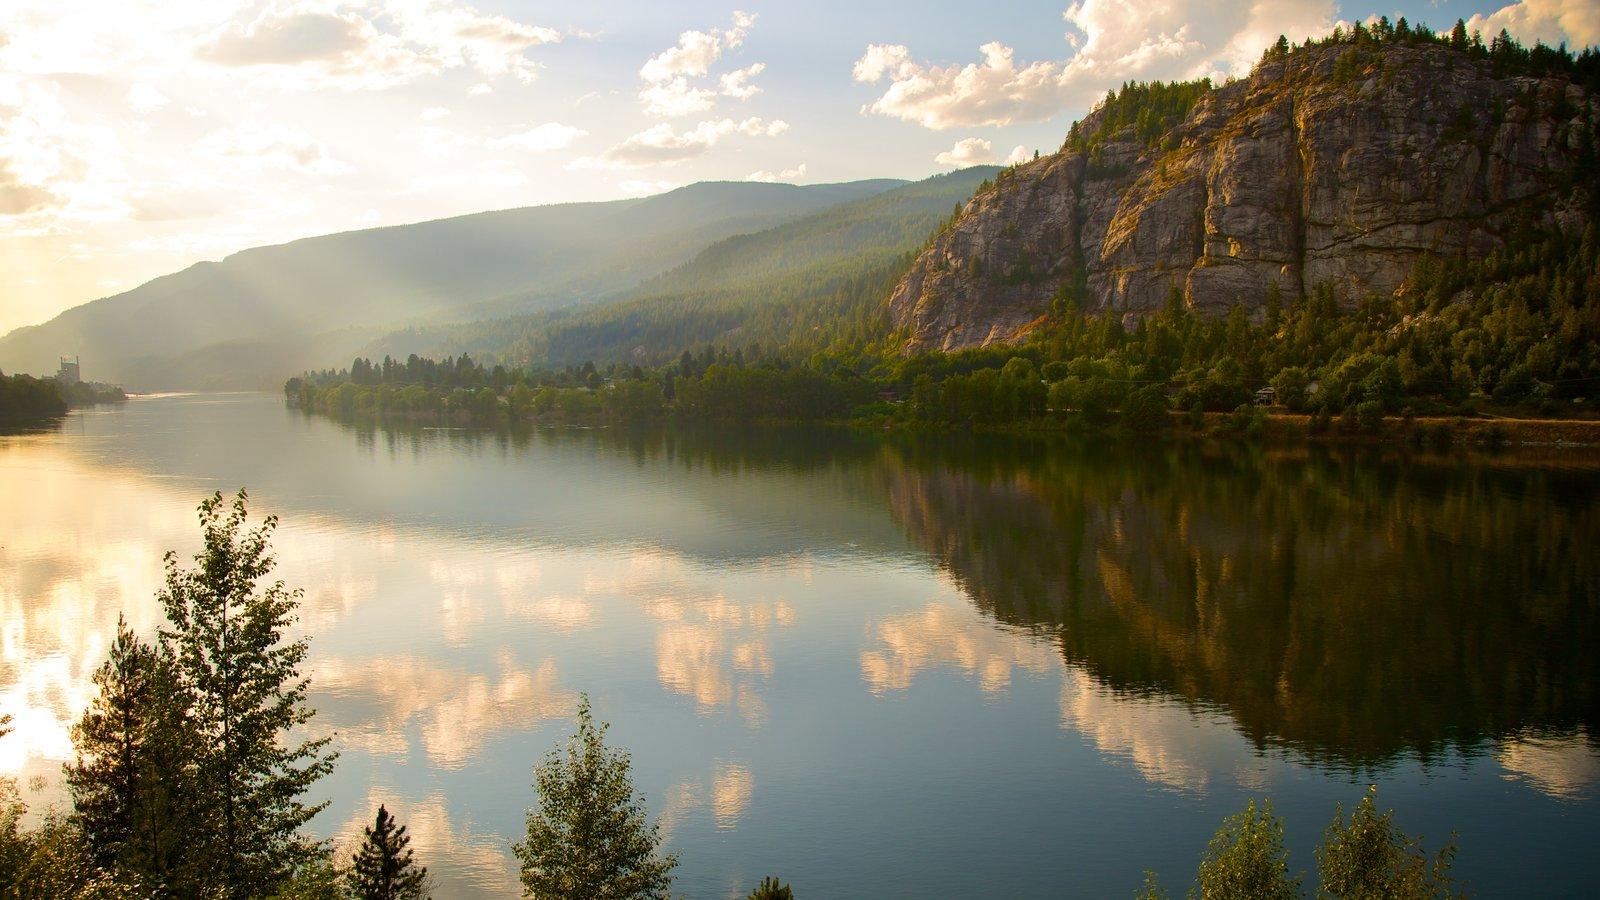 Castlegar que inclui um lago ou charco